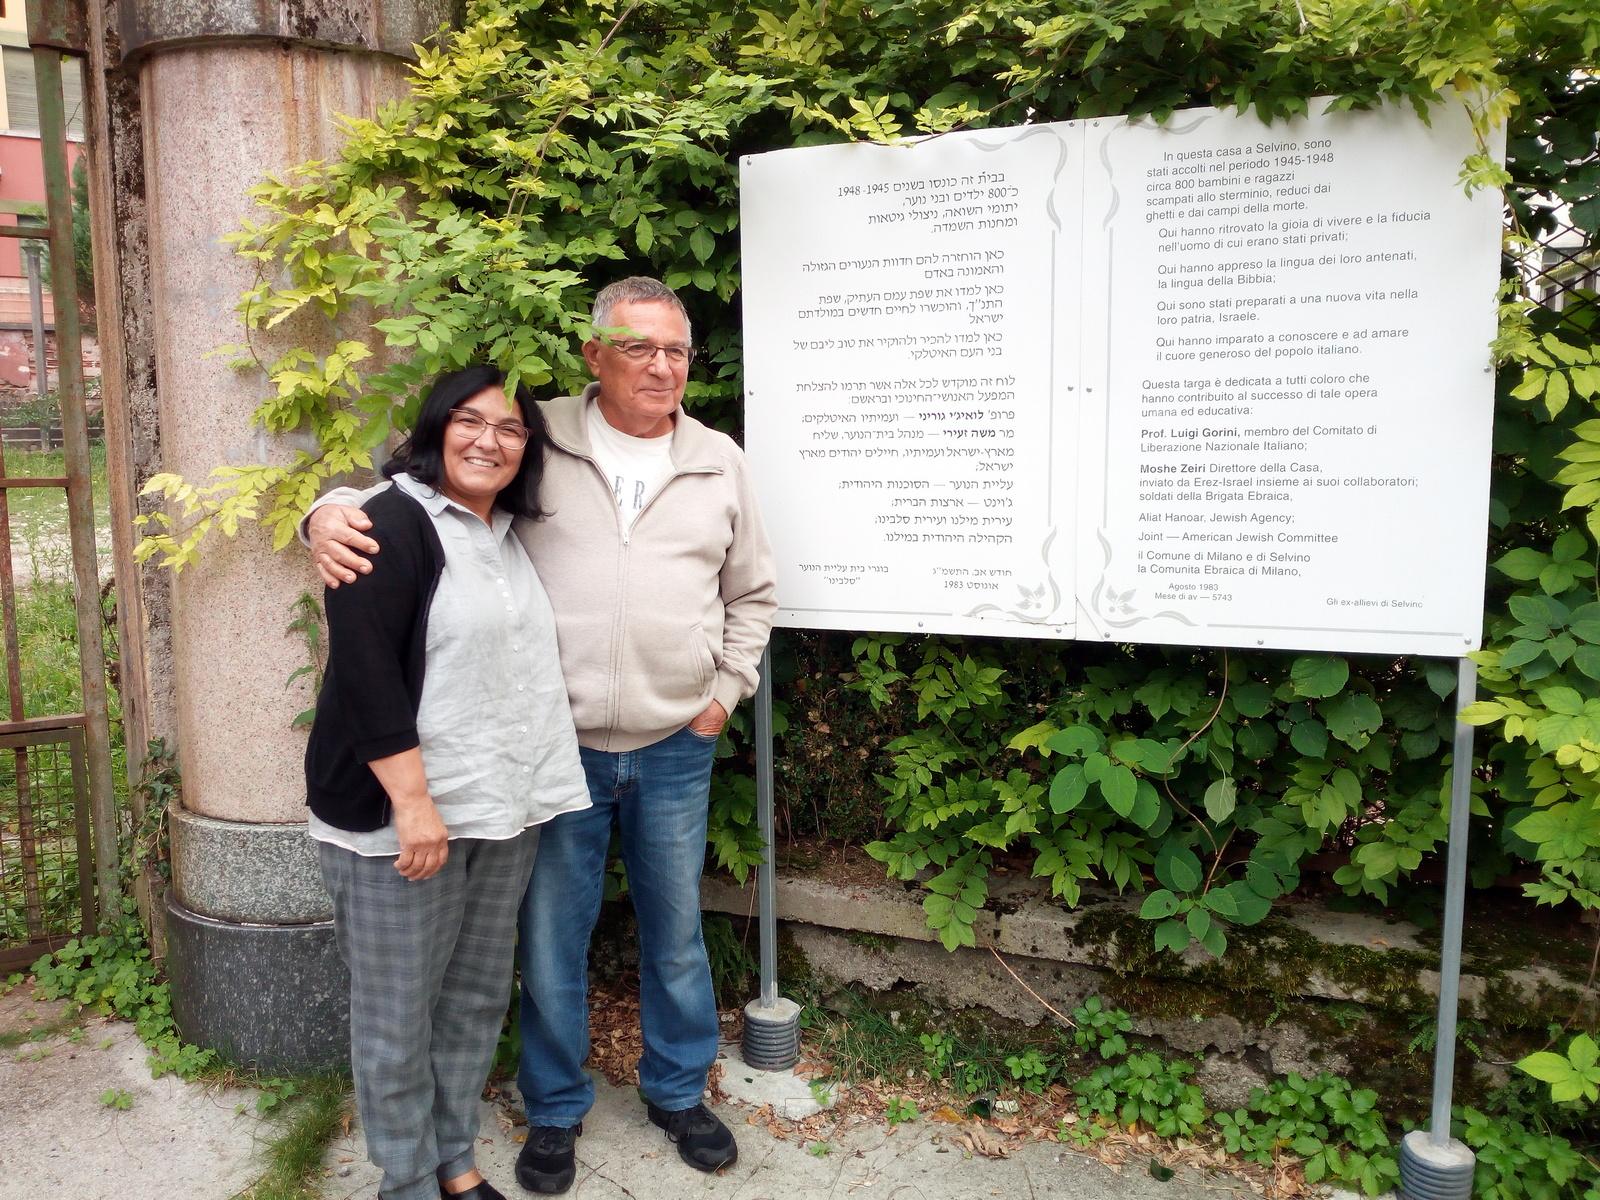 2019-09-26-Avner-Zeiri-in-visita-a-Selvino-29